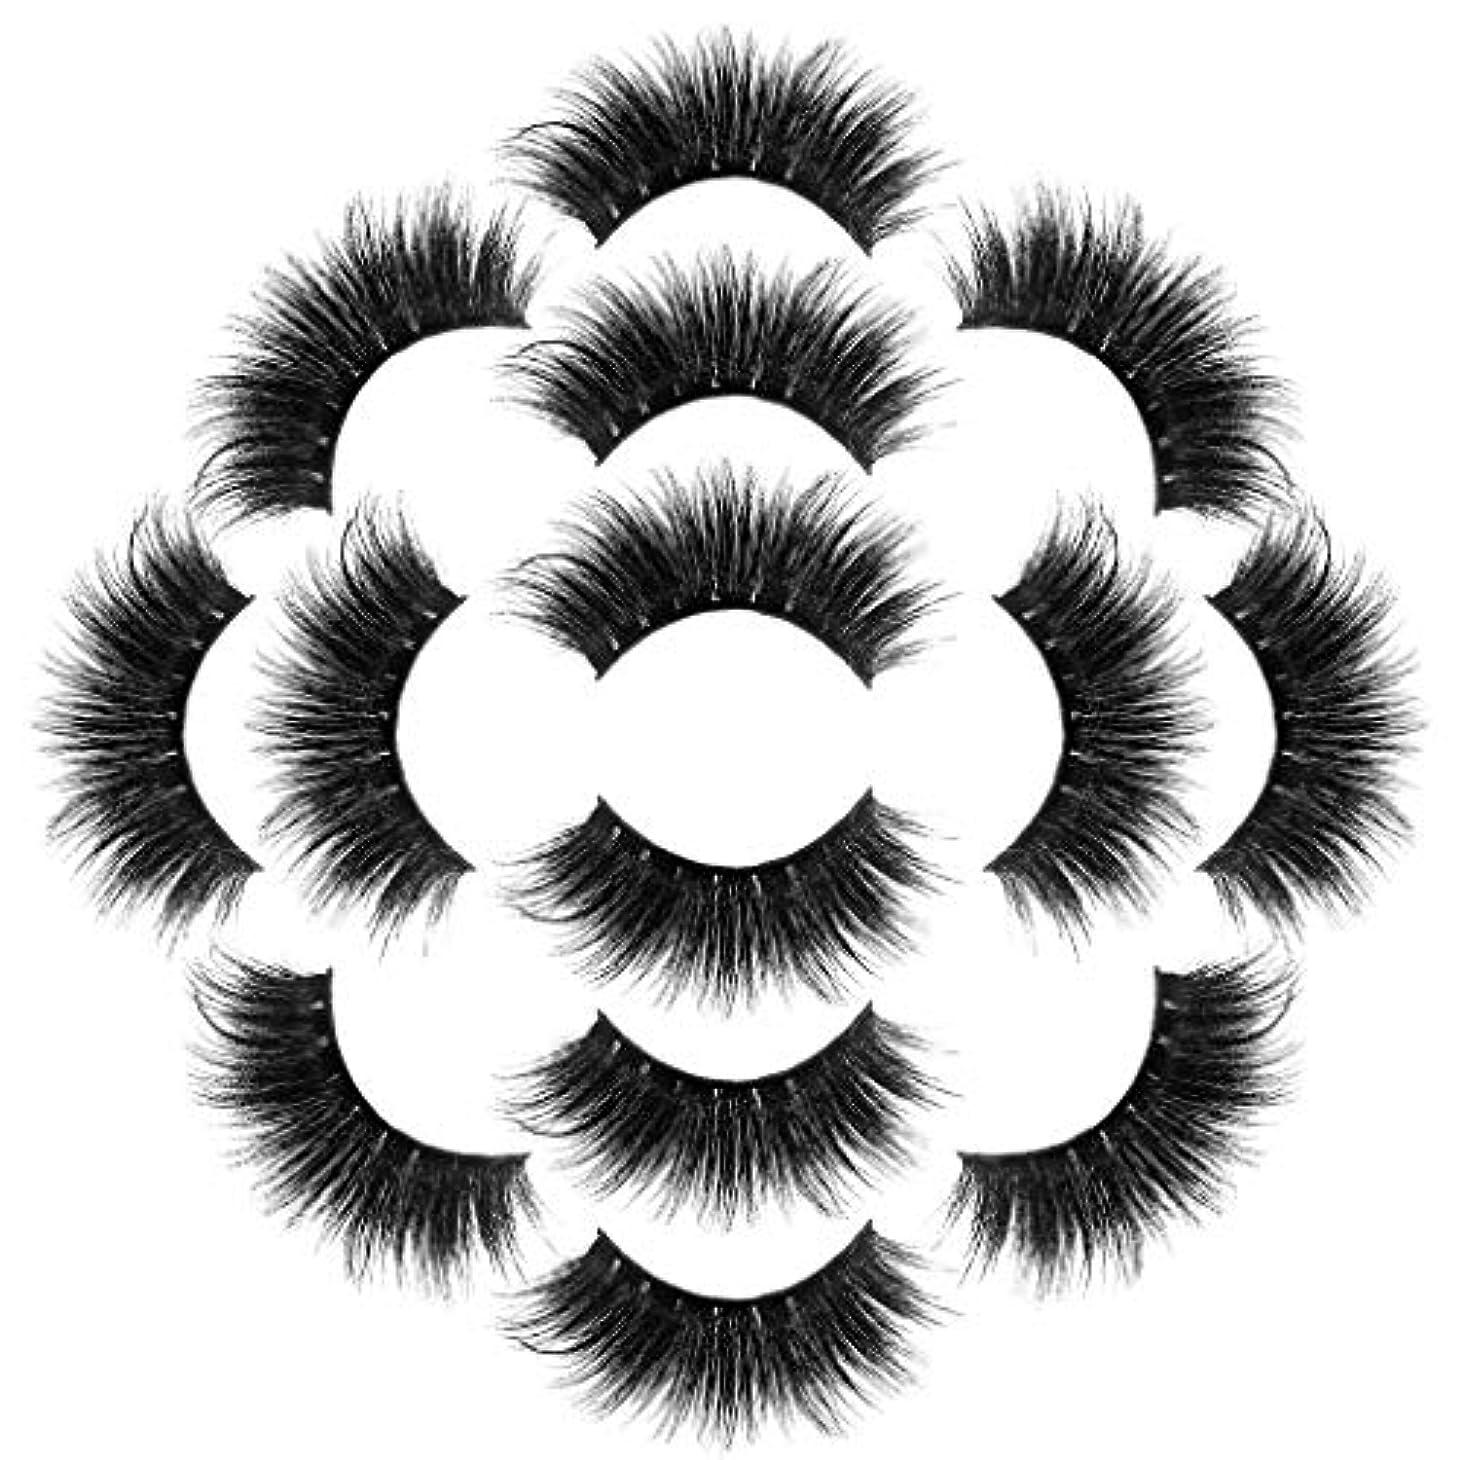 リマーク作り変形ラグジュアリー7ペア8Dつけまつげふわふわストリップまつげロングナチュラルパーティーメイク